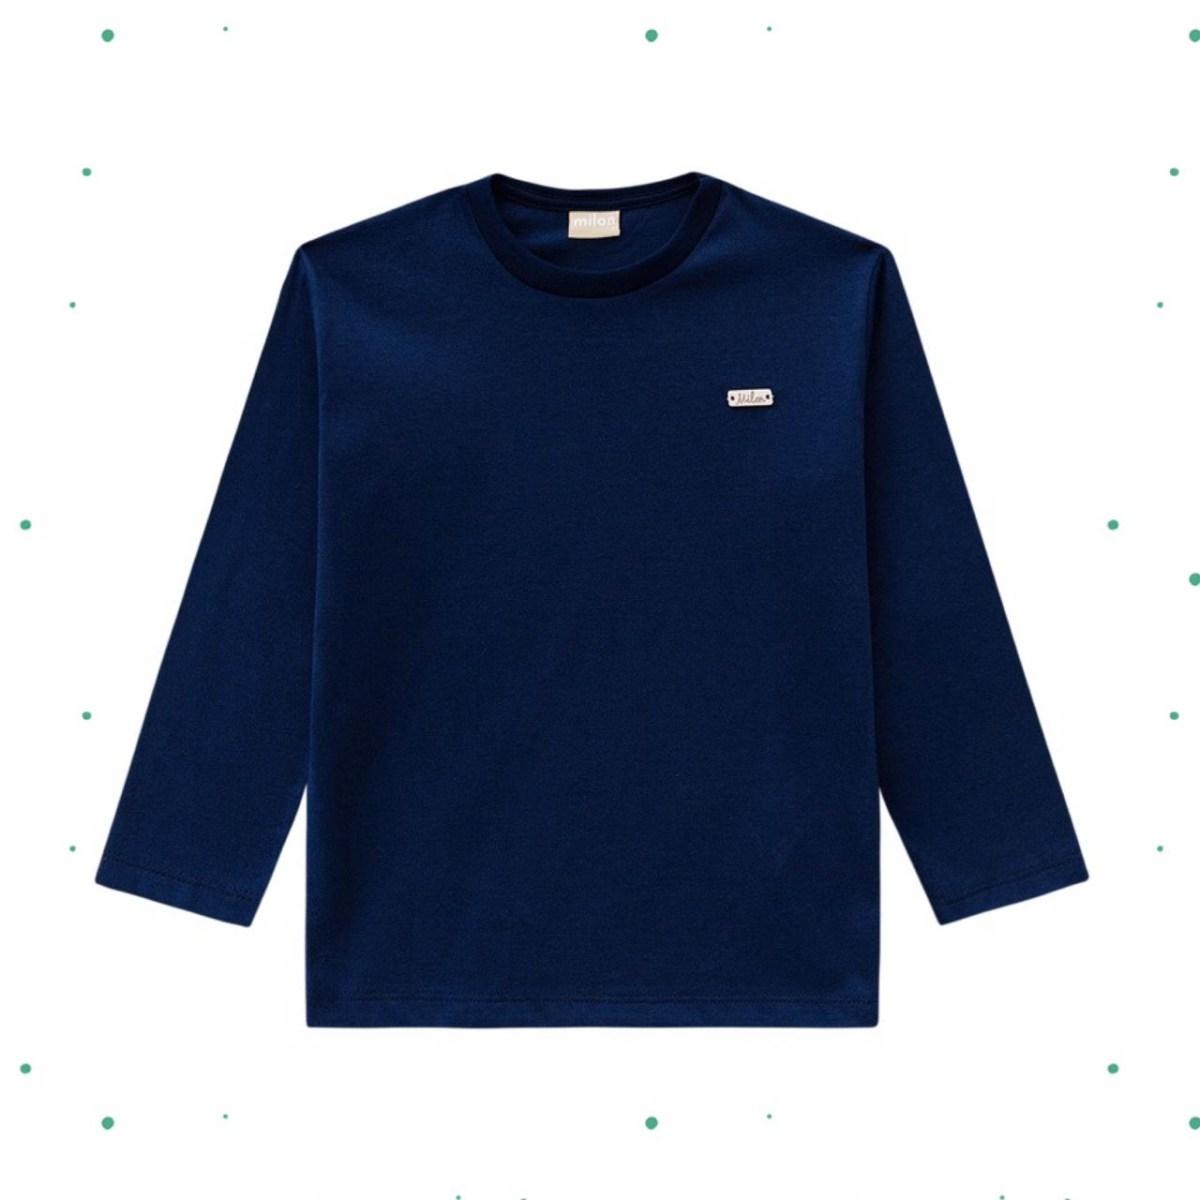 Camiseta Menino Manga Longa Milon em Algodão cor Marinho